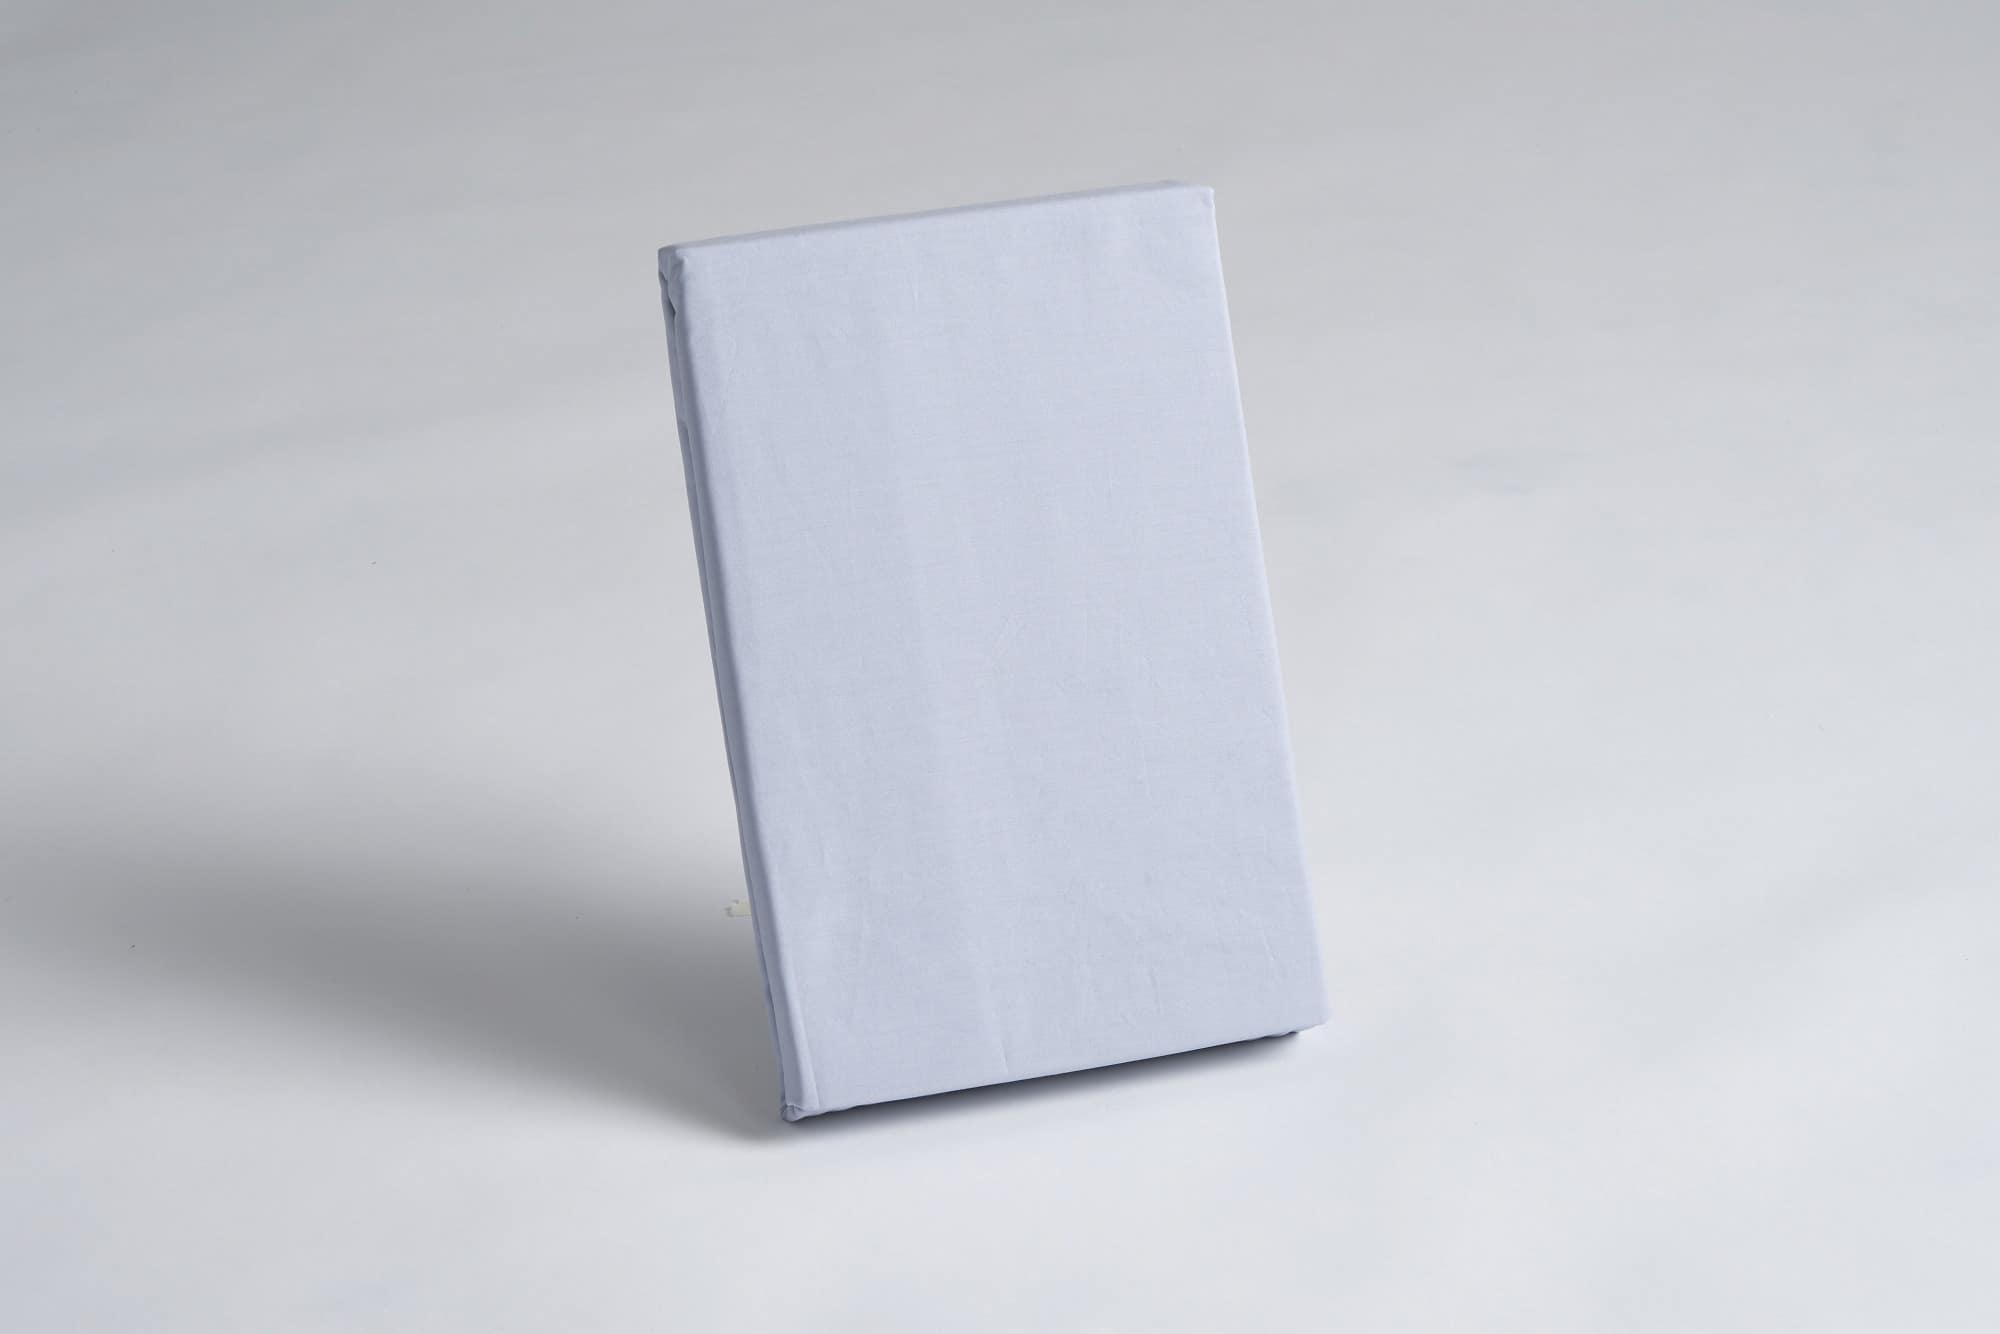 ボックスシーツ キング2用 36H ブルー:《綿100%を使用したボックスシーツ》